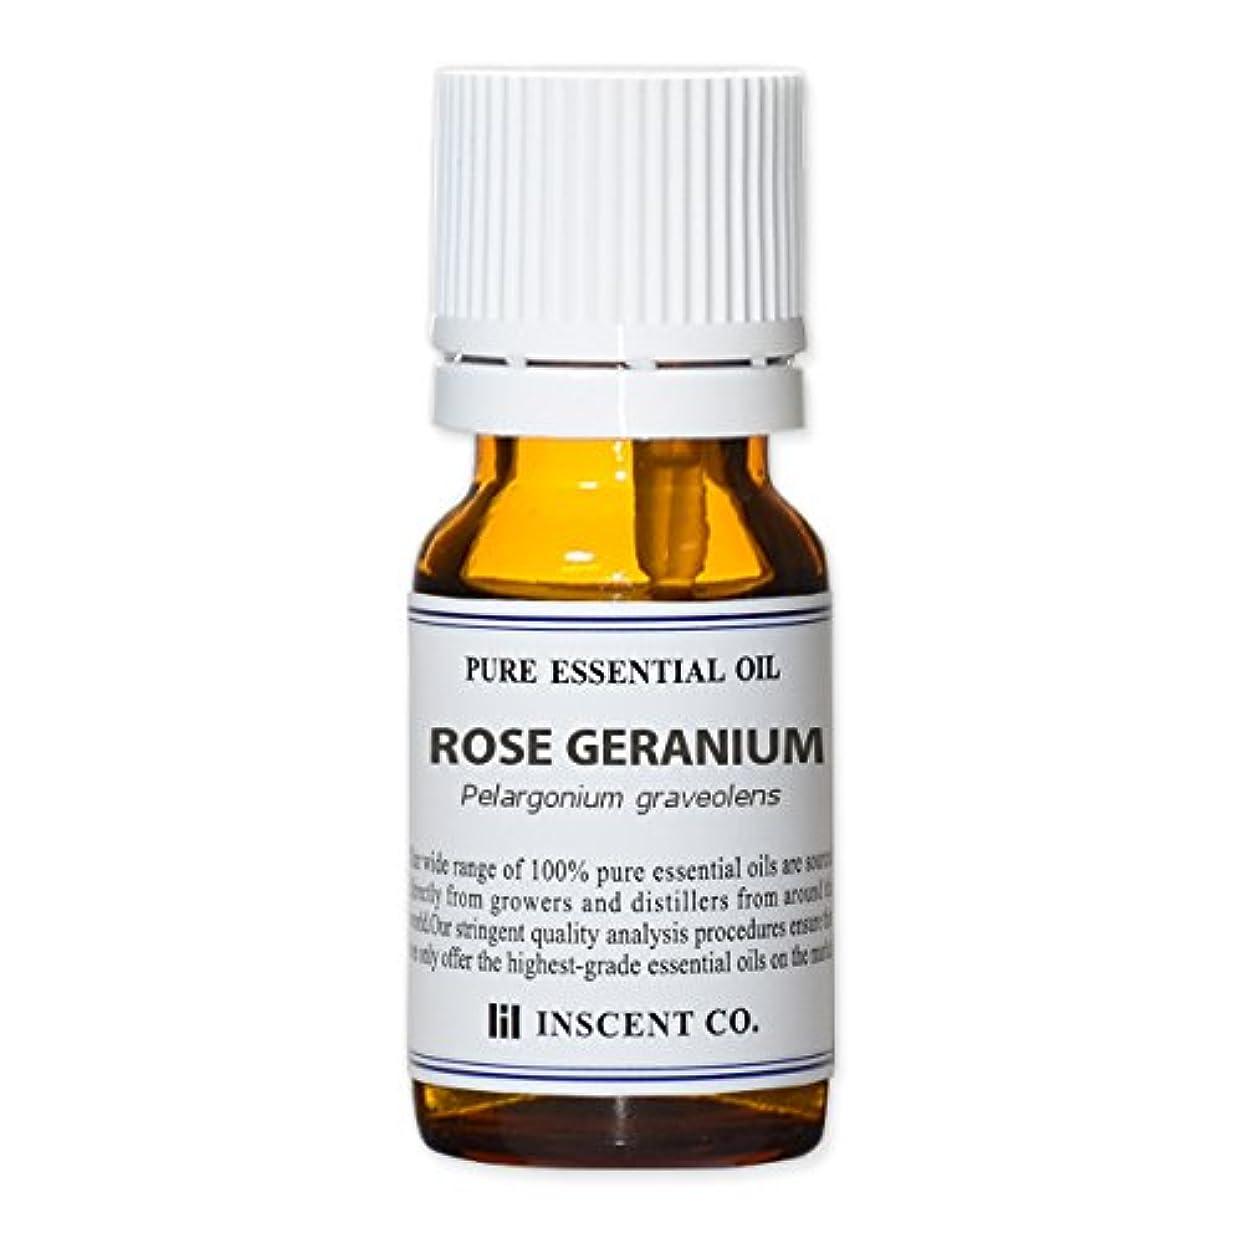 社交的チラチラする付けるローズゼラニウム 10ml インセント アロマオイル AEAJ 表示基準適合認定精油